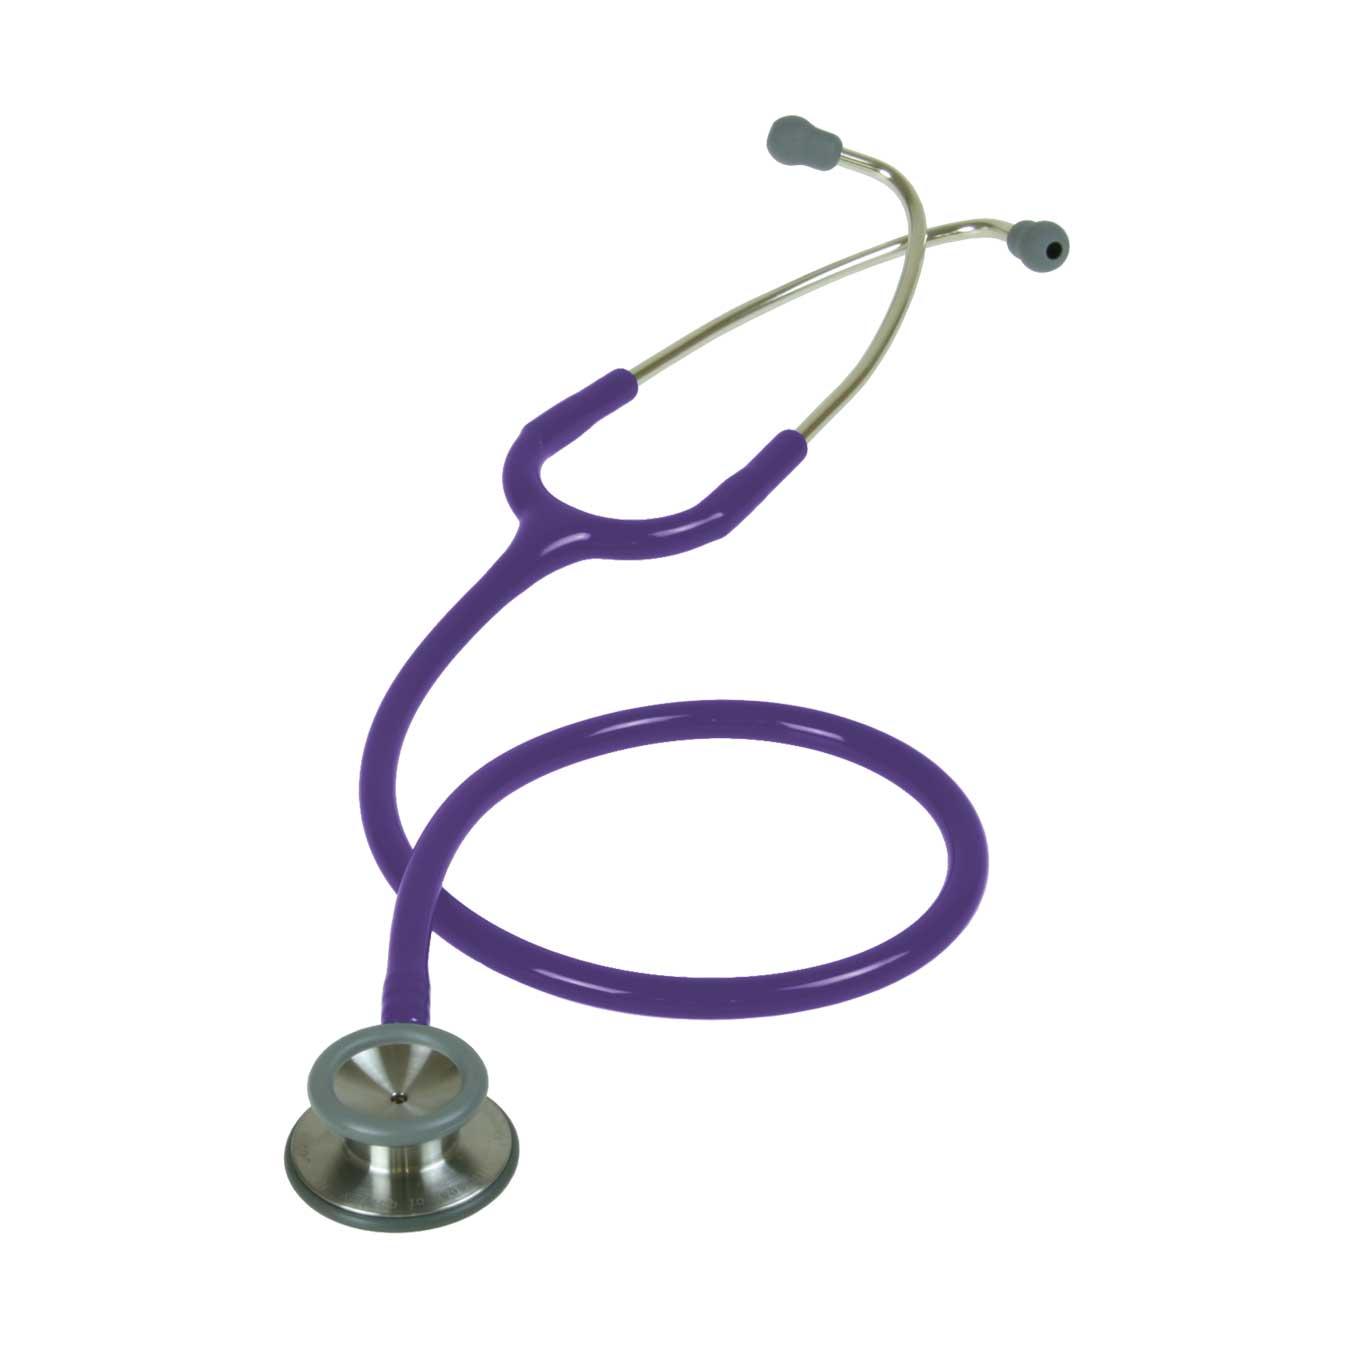 LSCLTPU_1_Liberty-Classic-Tunable-Stethoscope-Purple